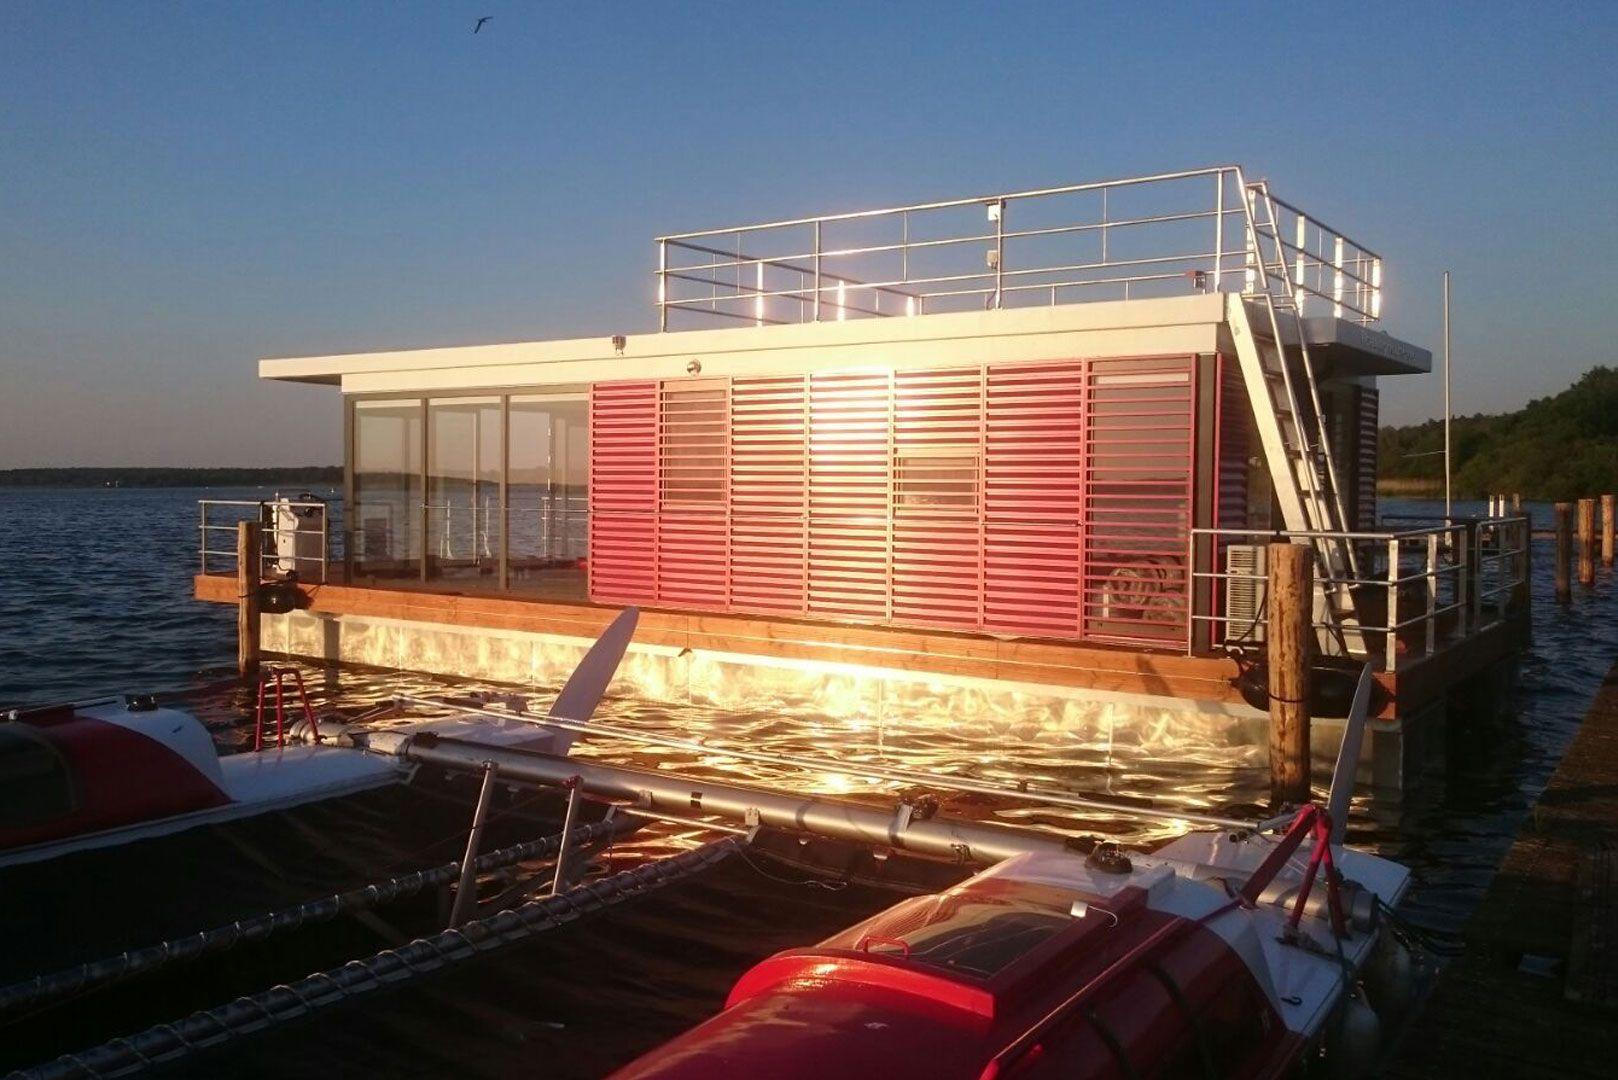 Hausboot Mieten Mecklenburgische Seenplatte Fleesensee Hausboot Mieten Ostsee Ferienwohnung Hausboot